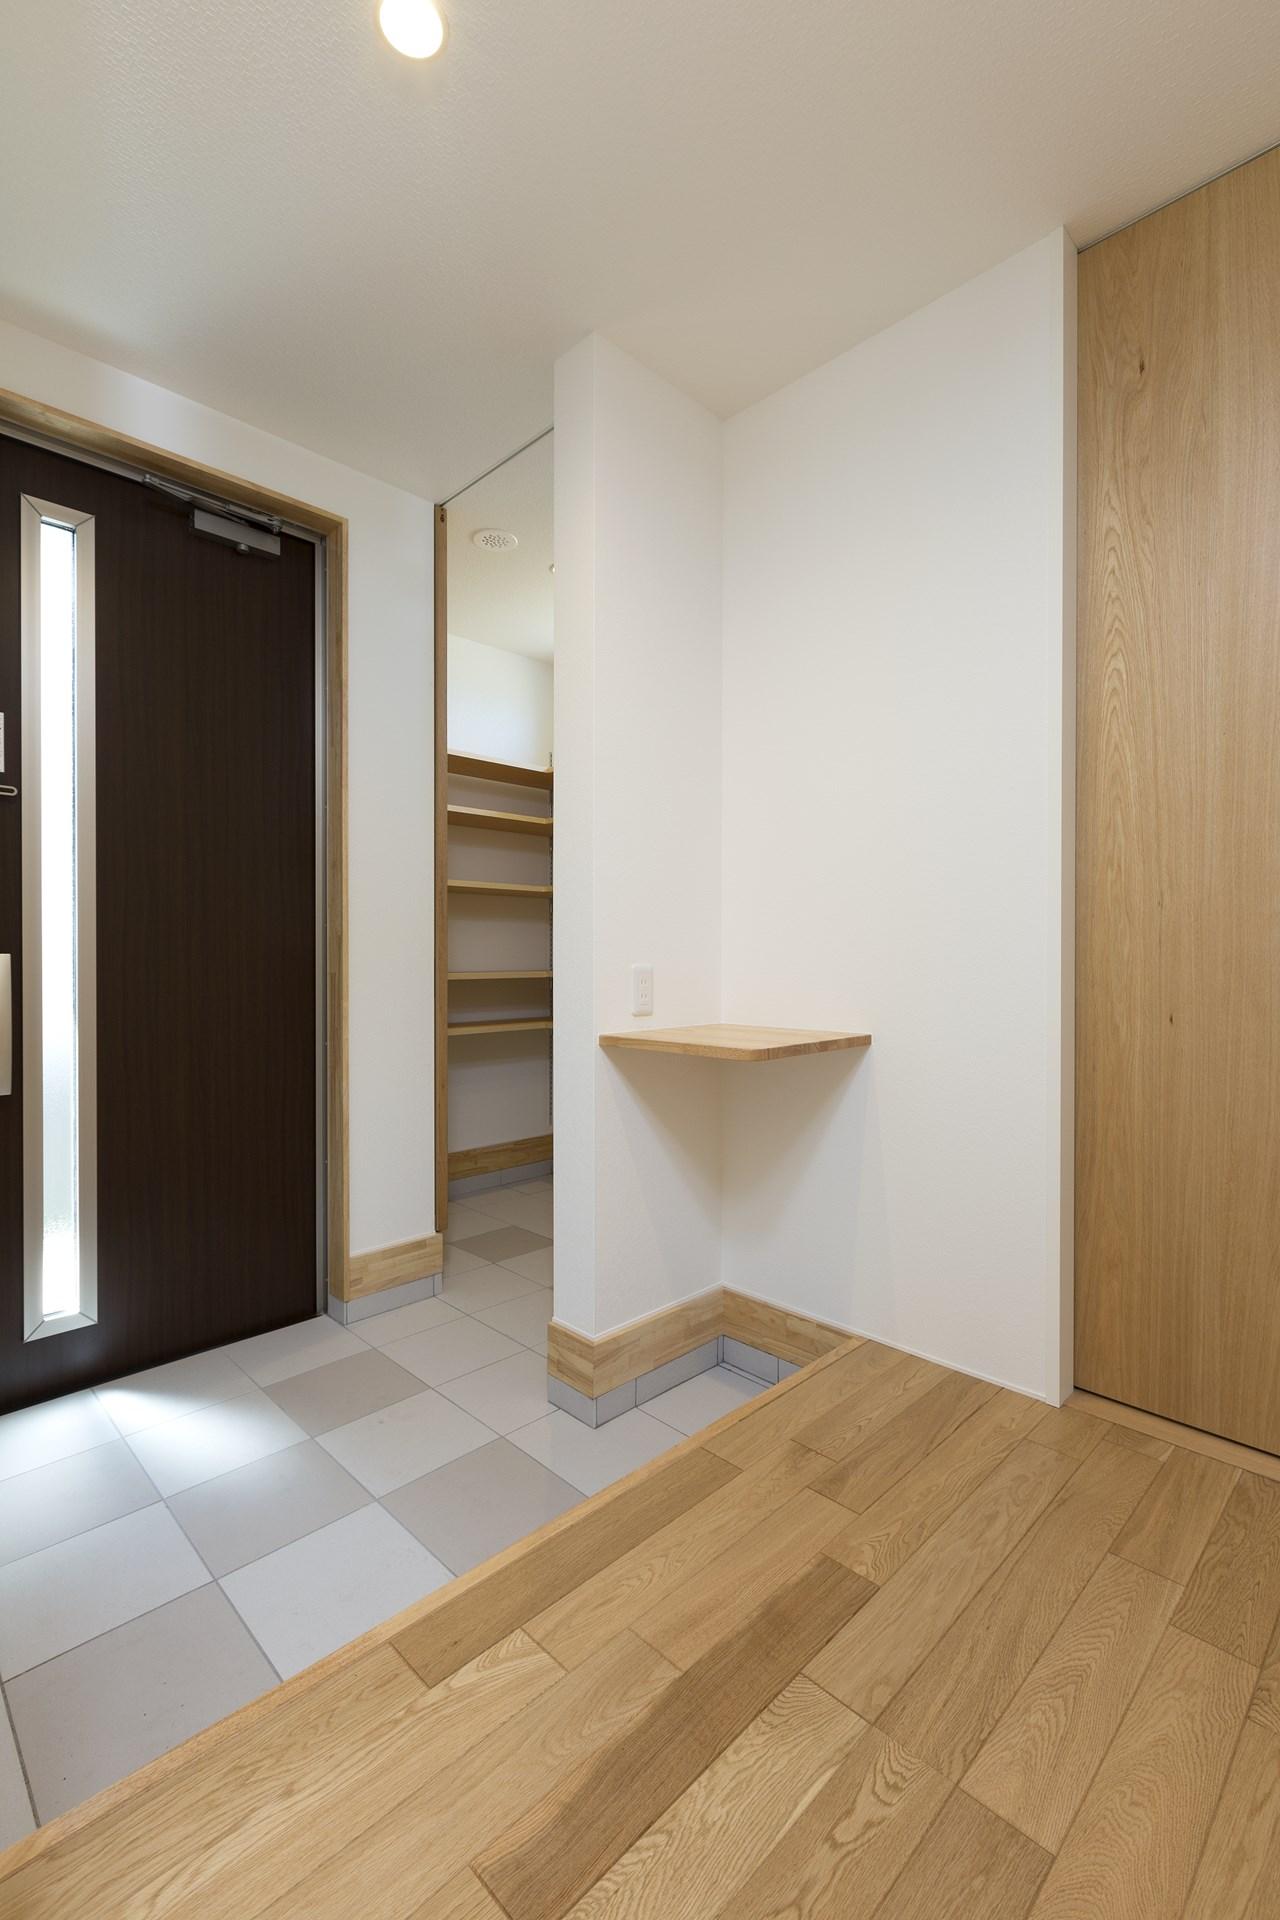 土浦市の新築一戸建ての玄関